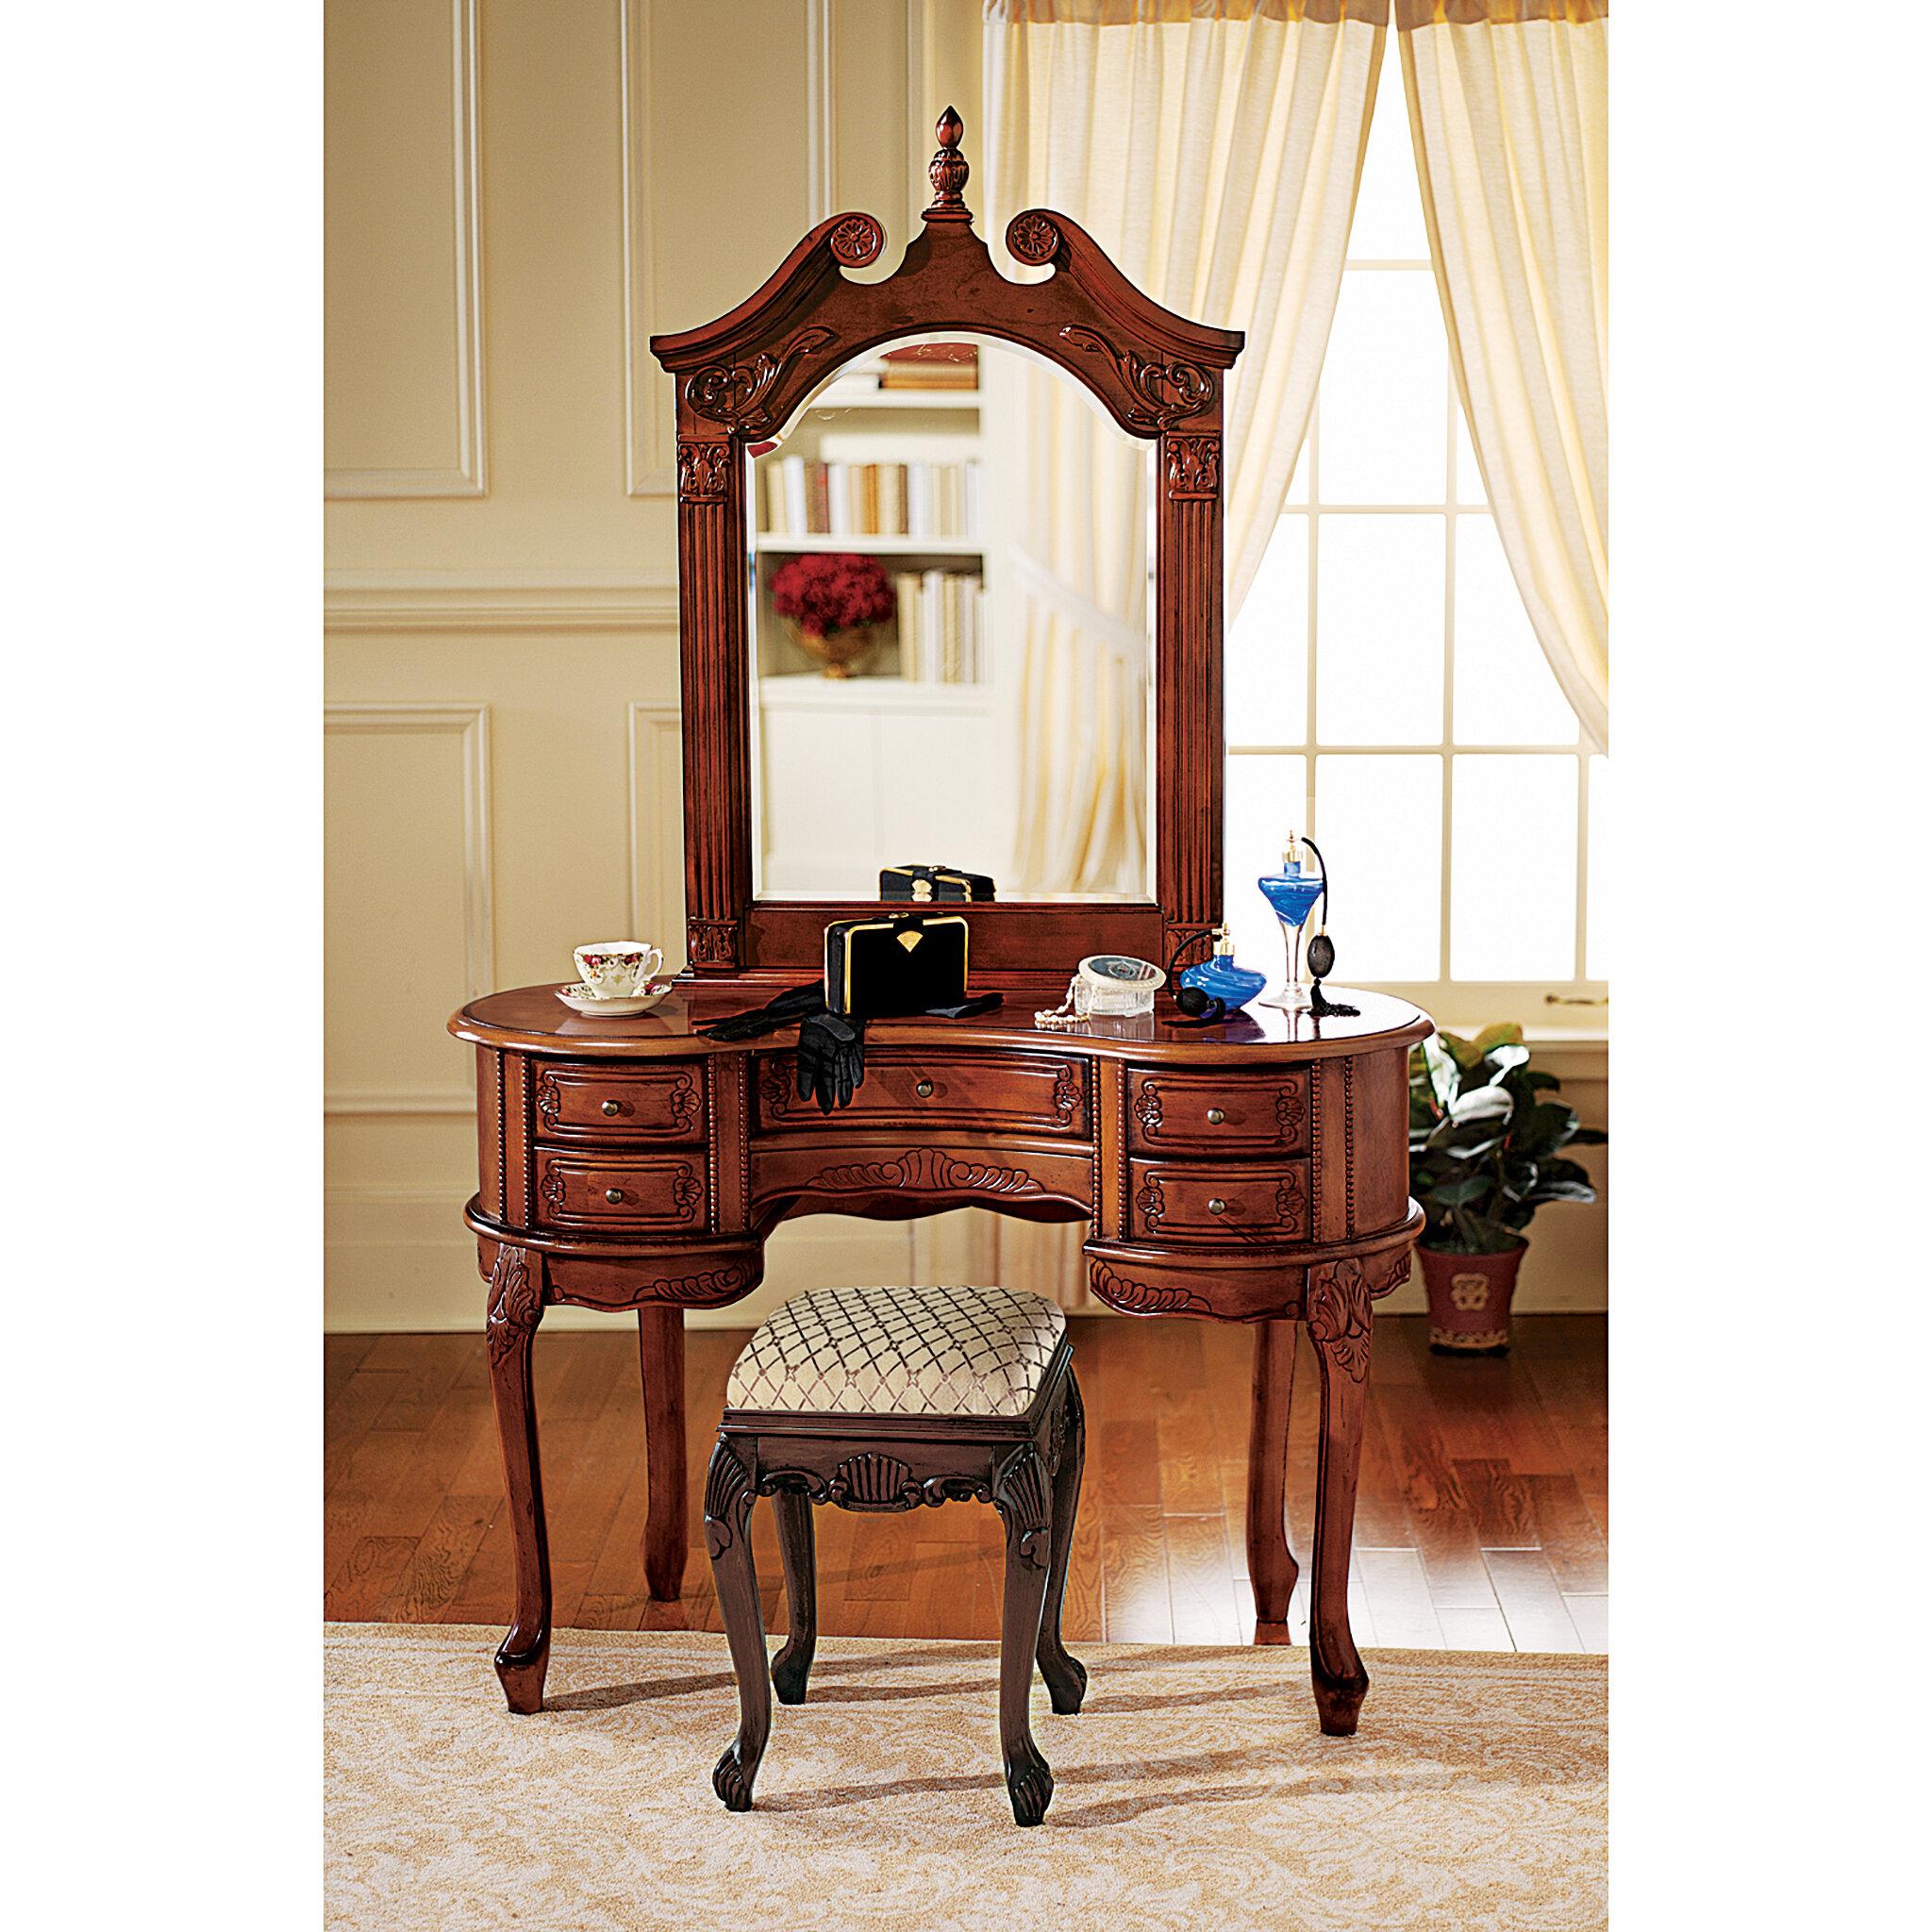 Design Toscano Queen Anne Vanity With Mirror U0026 Reviews | Wayfair